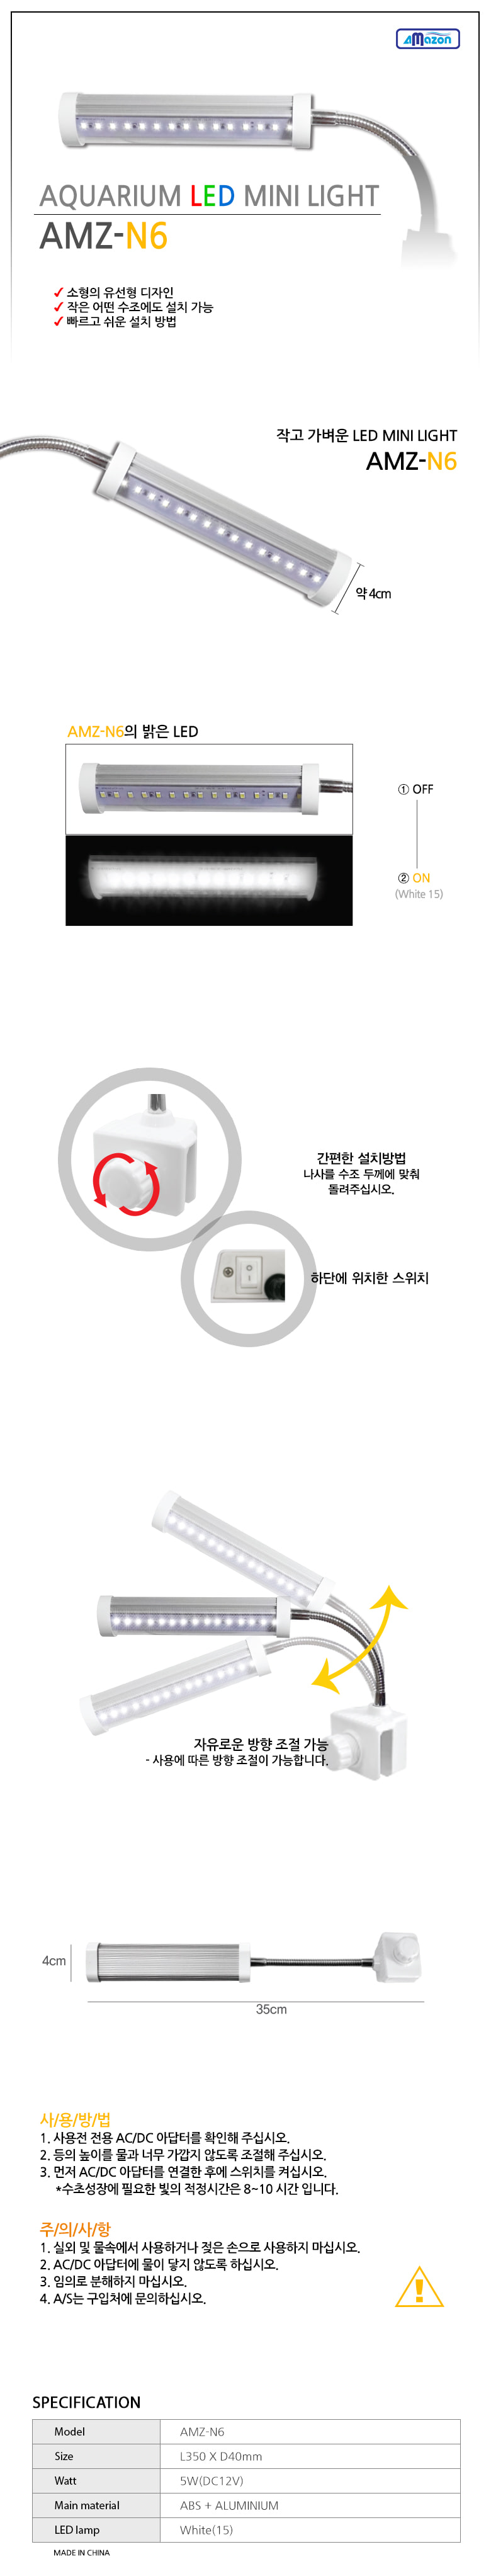 아마존 LED미니등/AMZ-N6 - 스타릿1, 11,000원, 부속품, 조명